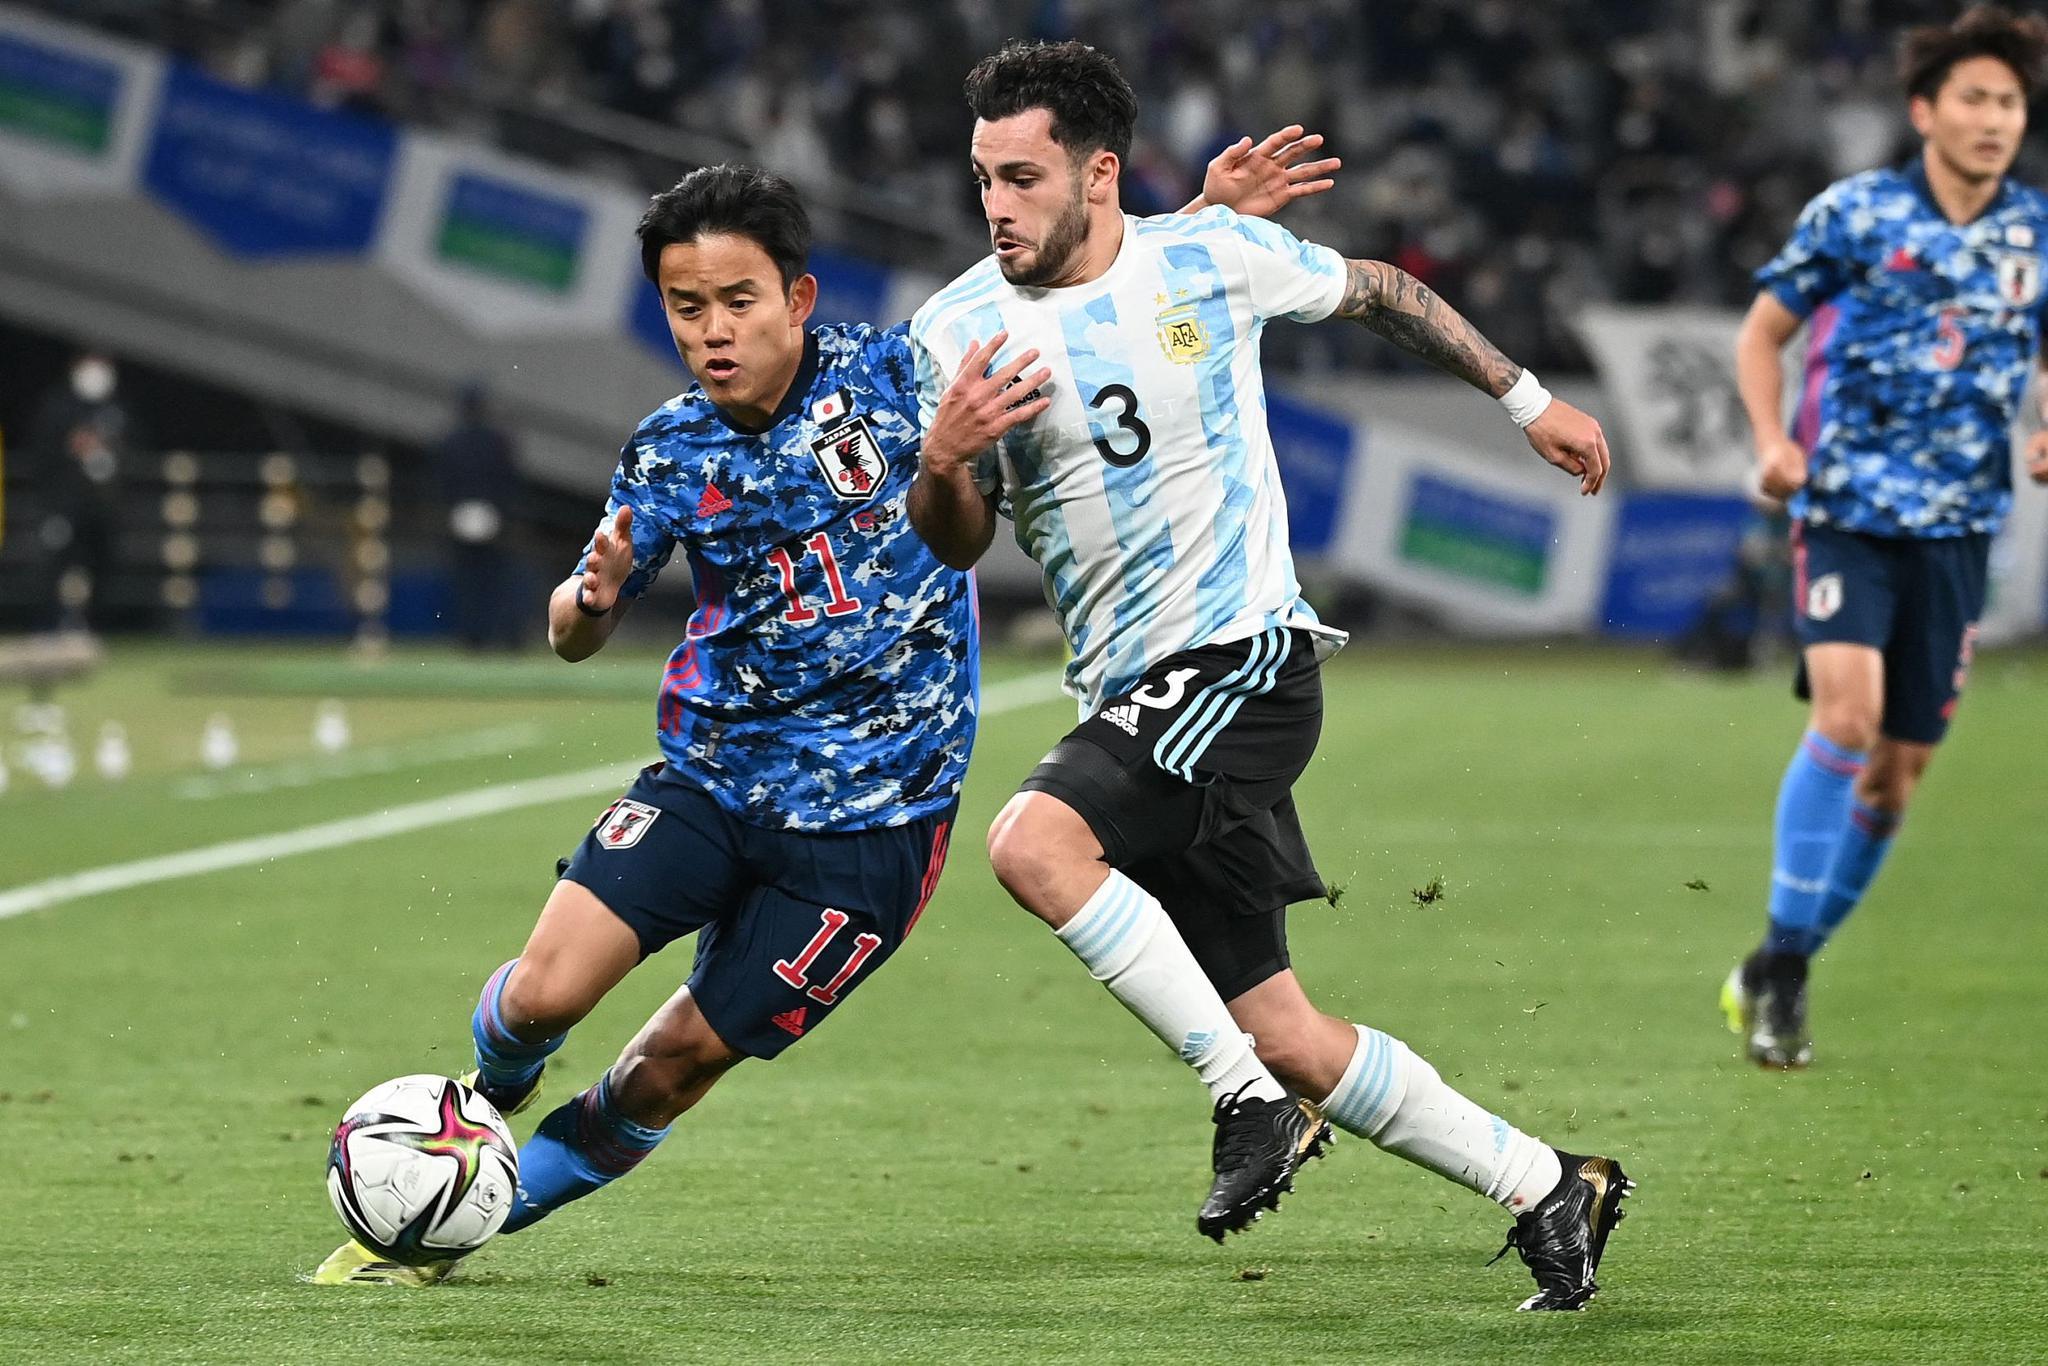 日本以夺得东京奥运会金牌为目标 世界杯要进8强